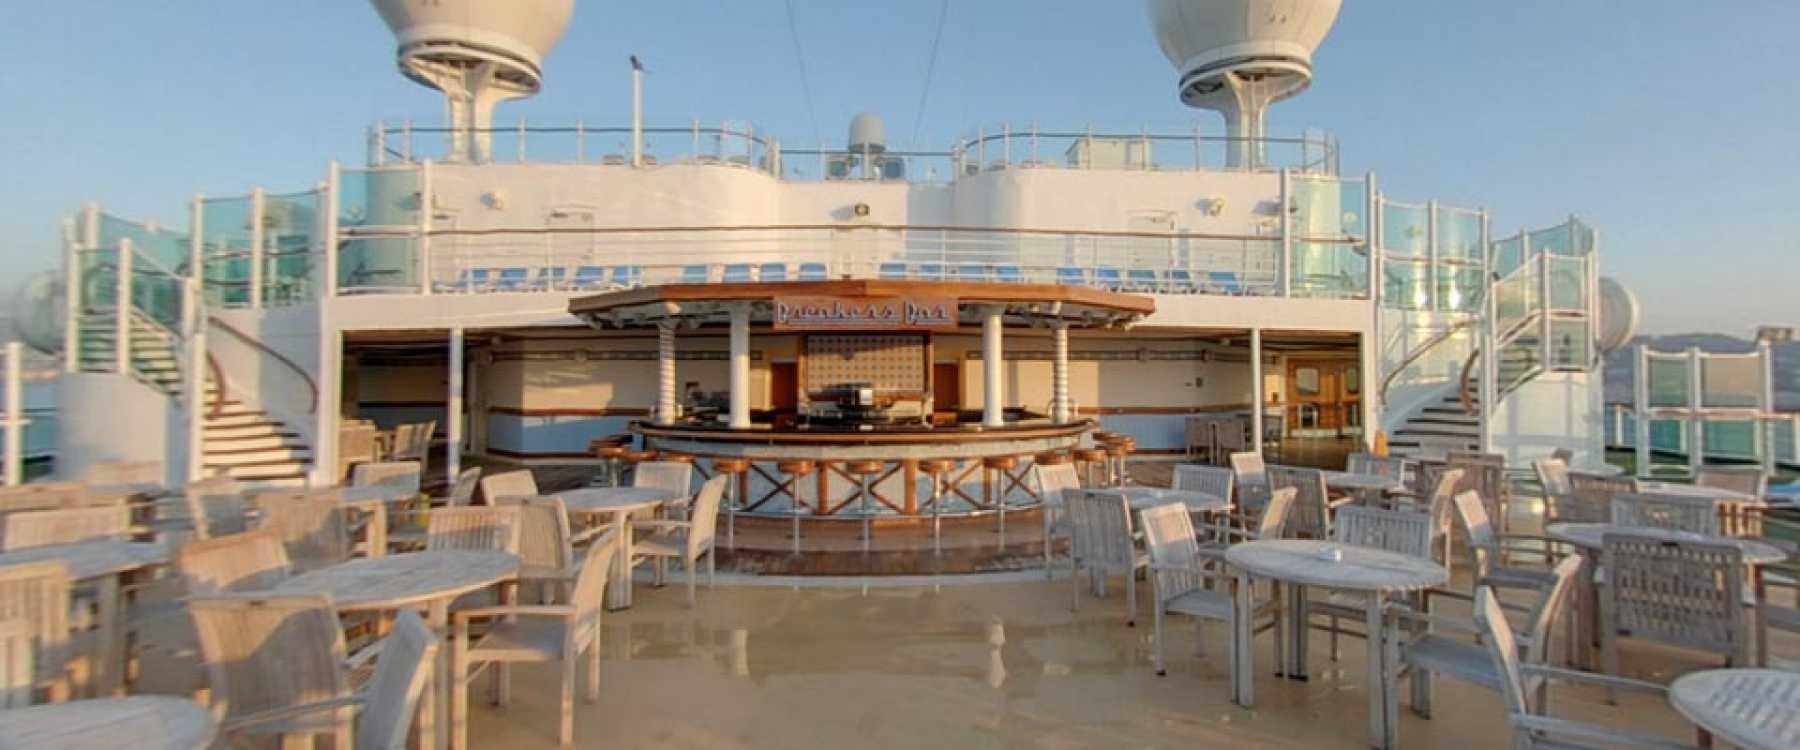 P&O Cruises Ventura Exterior Breakers Bar 1.jpg